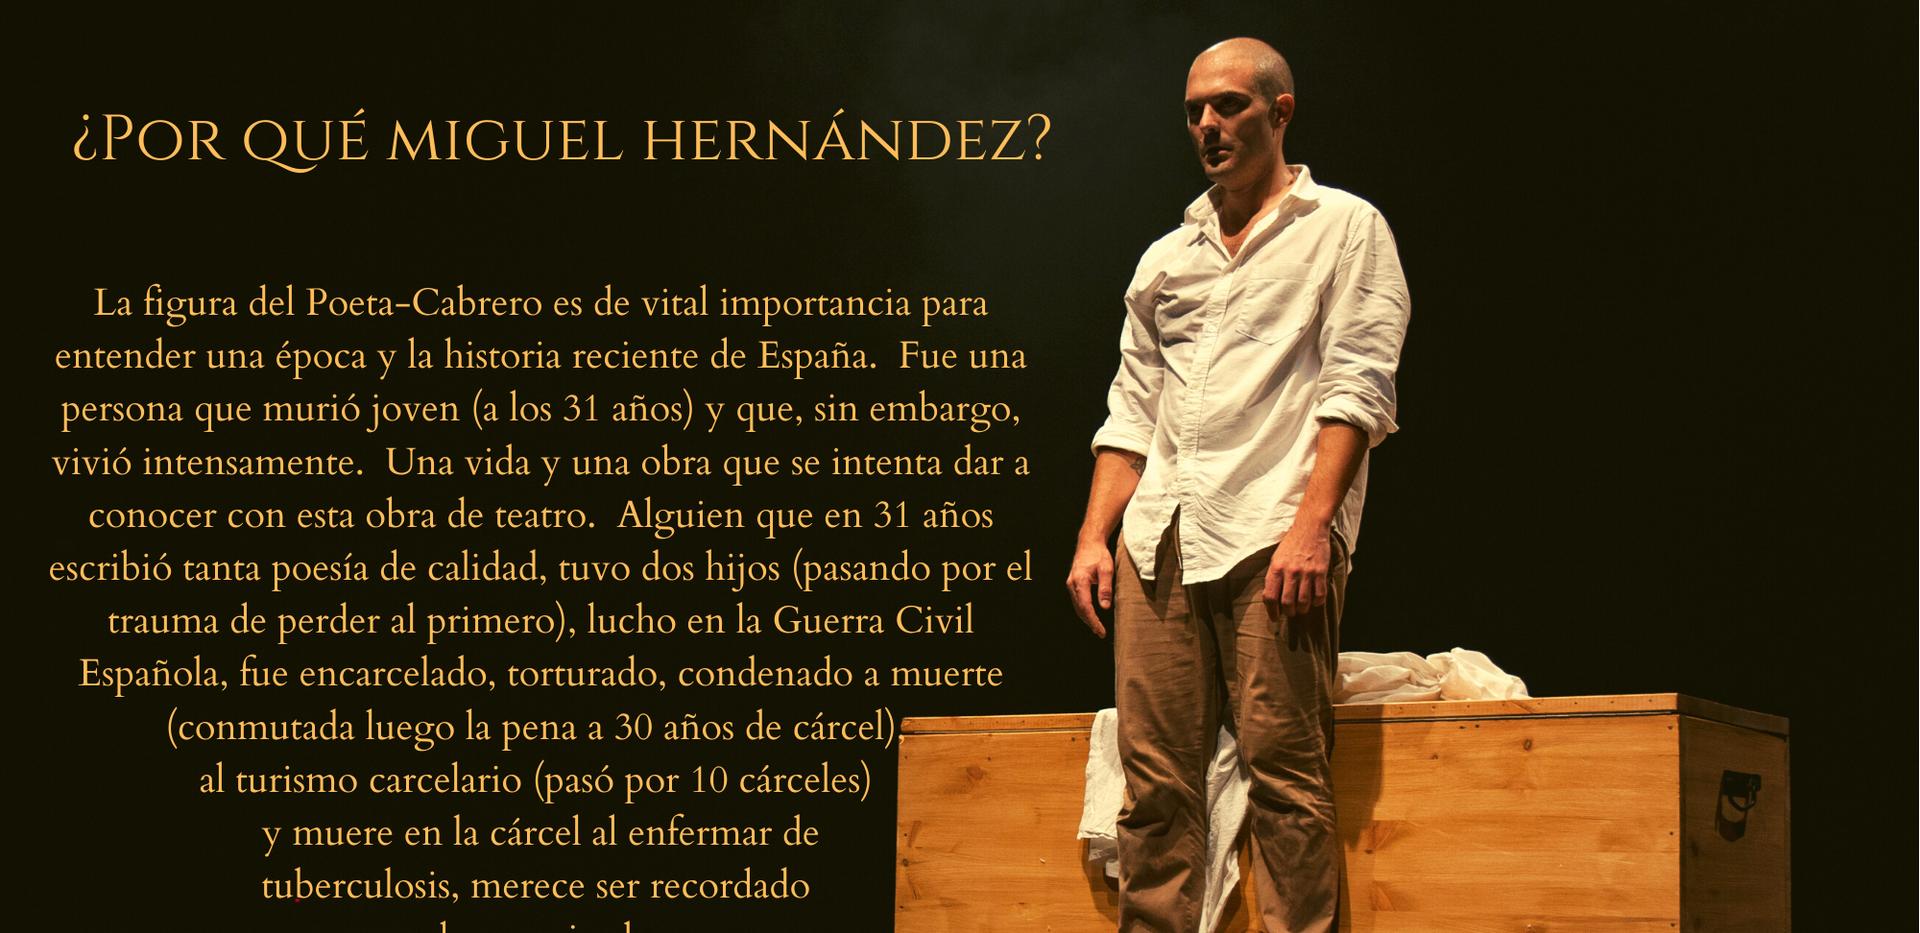 Miguel Hernández.  Si no me sacáis de aquí, me muero.